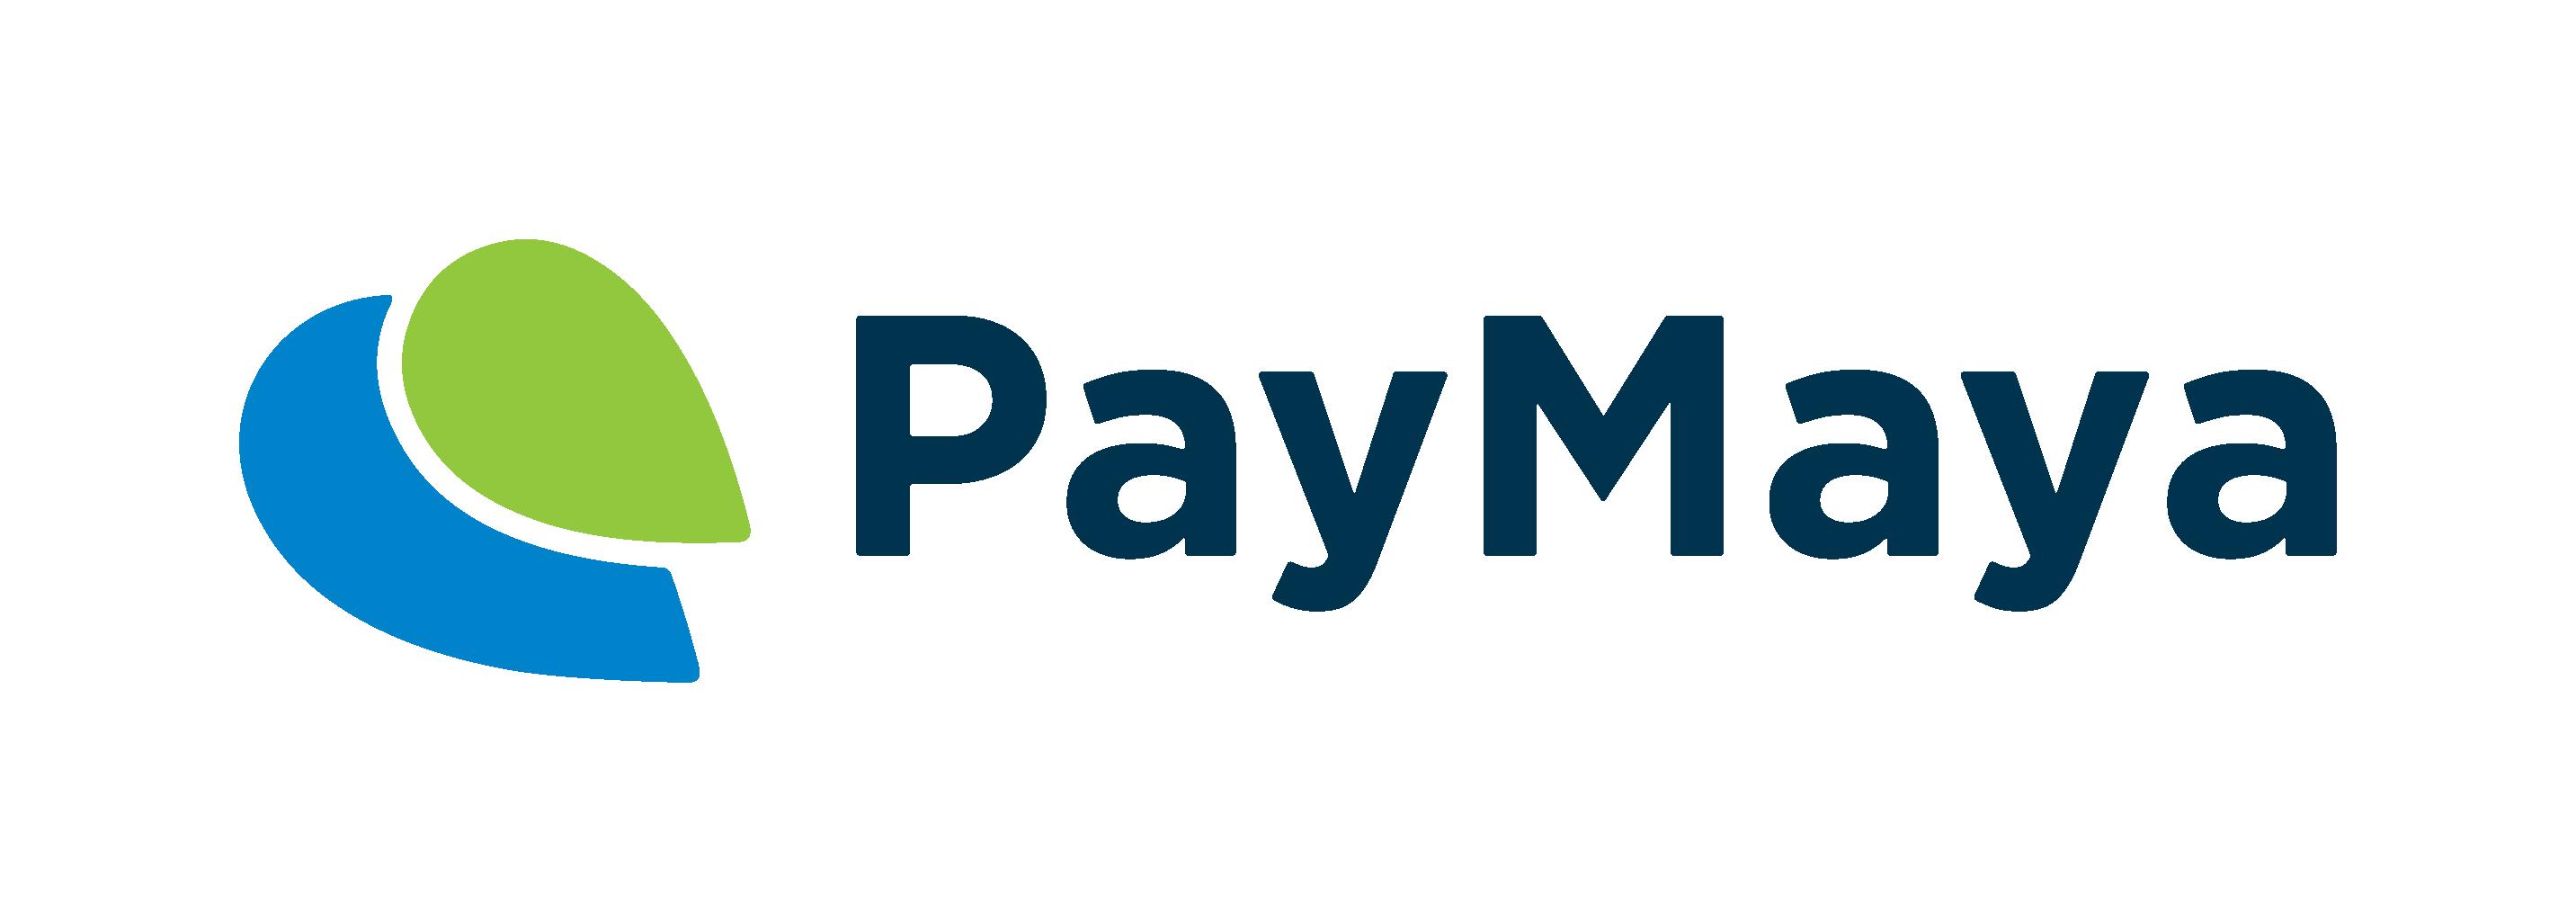 paymaya-logo-png